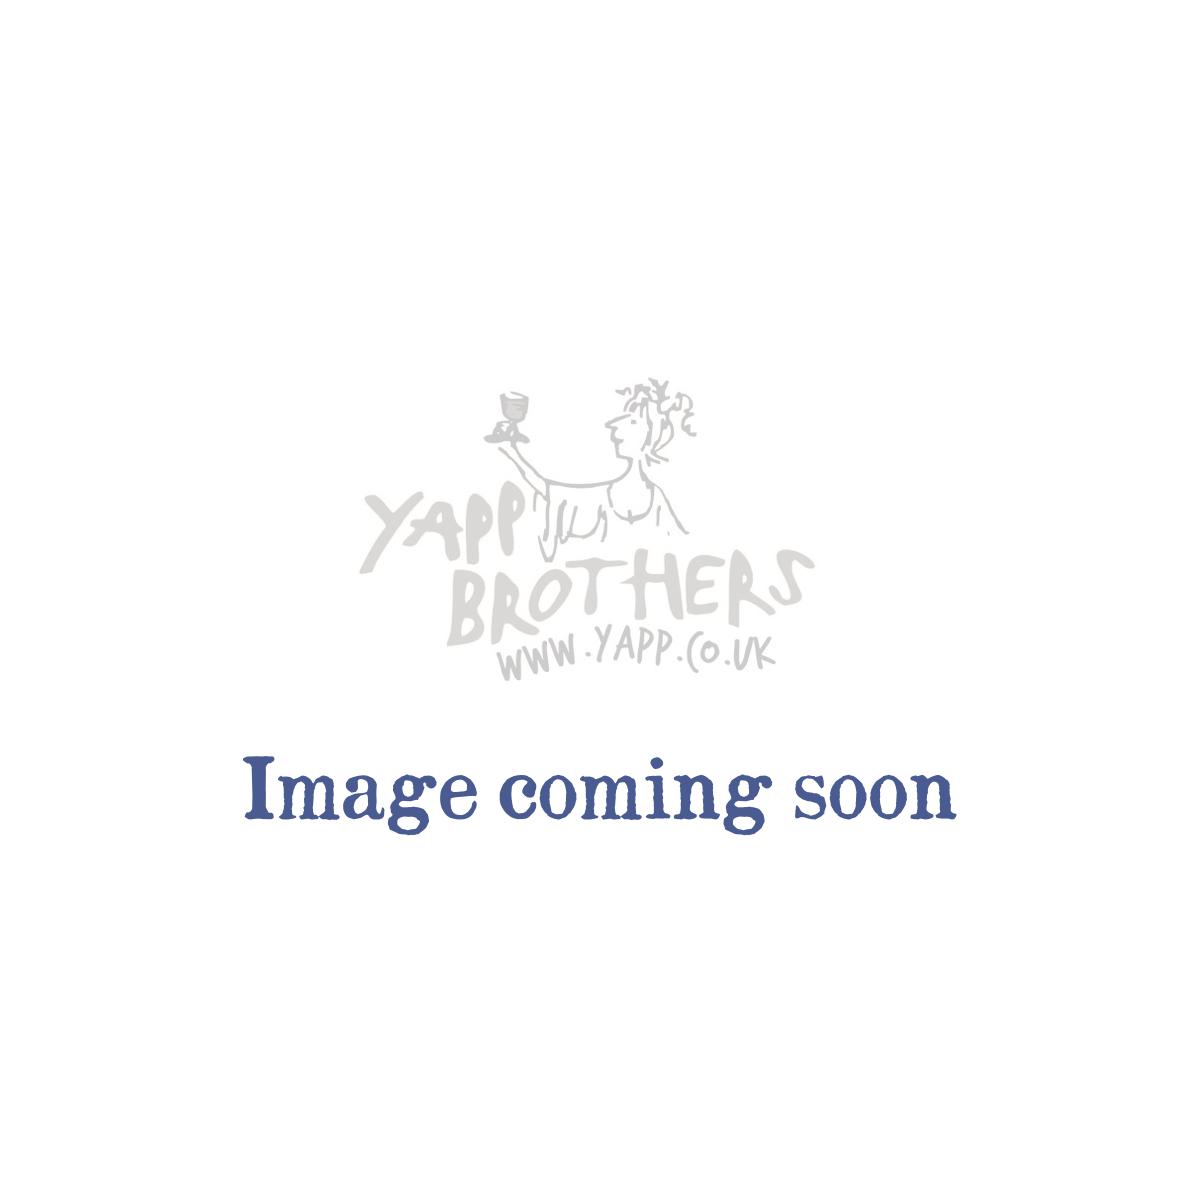 Bierzo: Antoine Graillot & Raúl Pérez 'Encinas' 2017